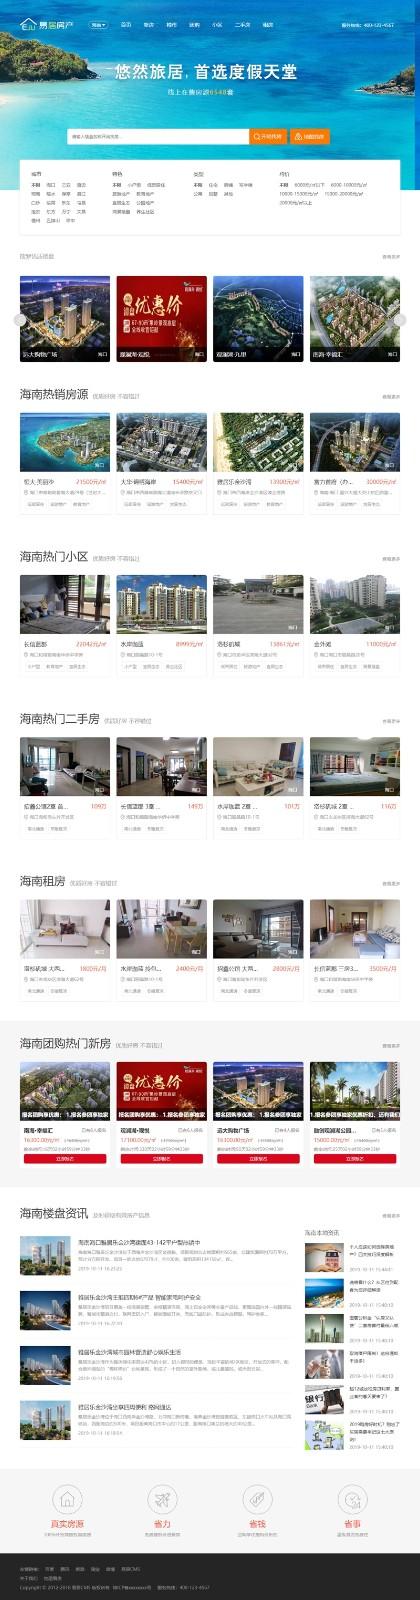 【免费源码】thinkphp5开发的房产门户网站系统 易居cms建站系统